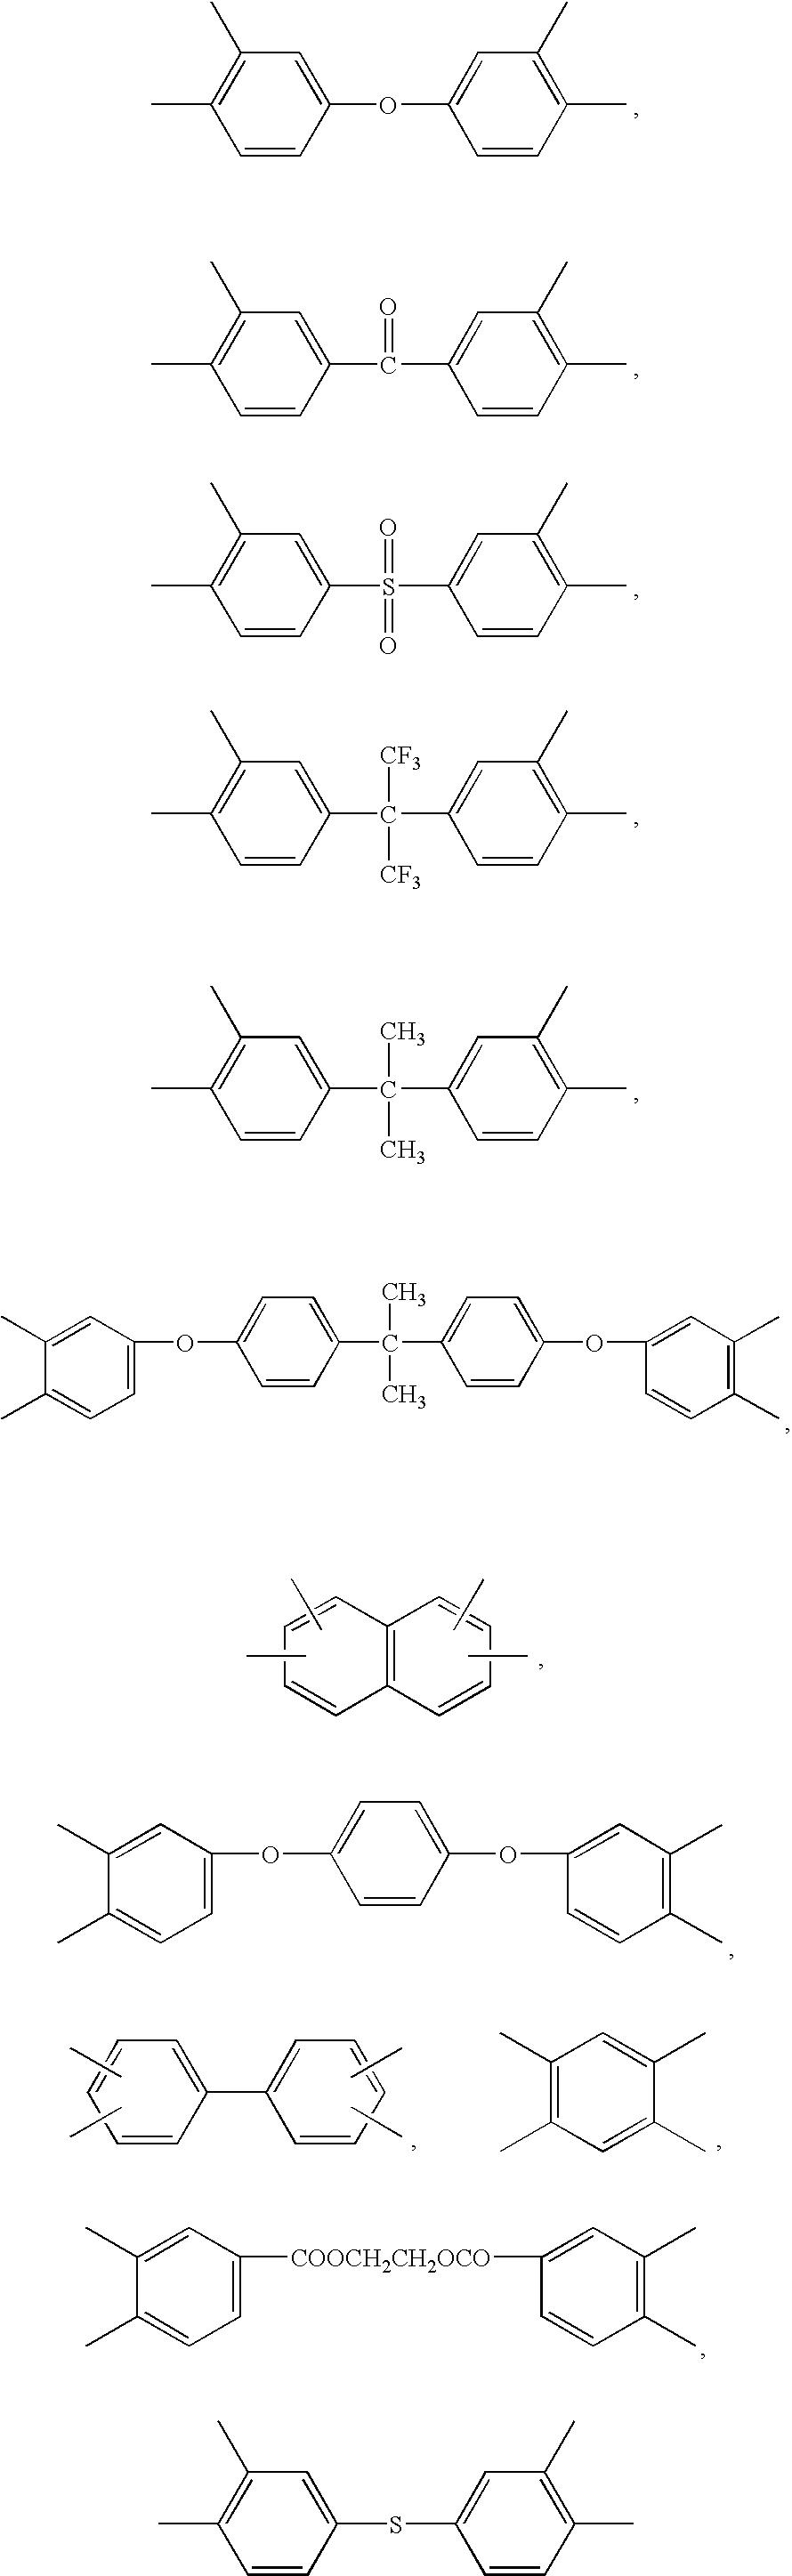 Figure US08561812-20131022-C00002